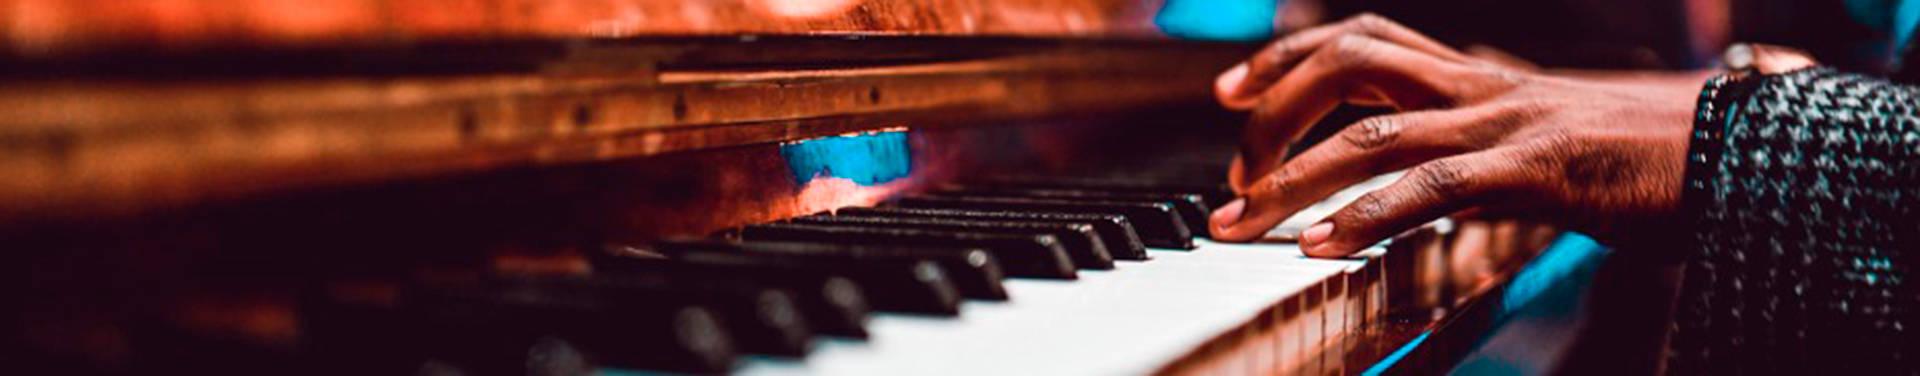 Máster en Interpretación y Composición de Jazz y Música Moderna; la mano de un hombre negro tocando el piano